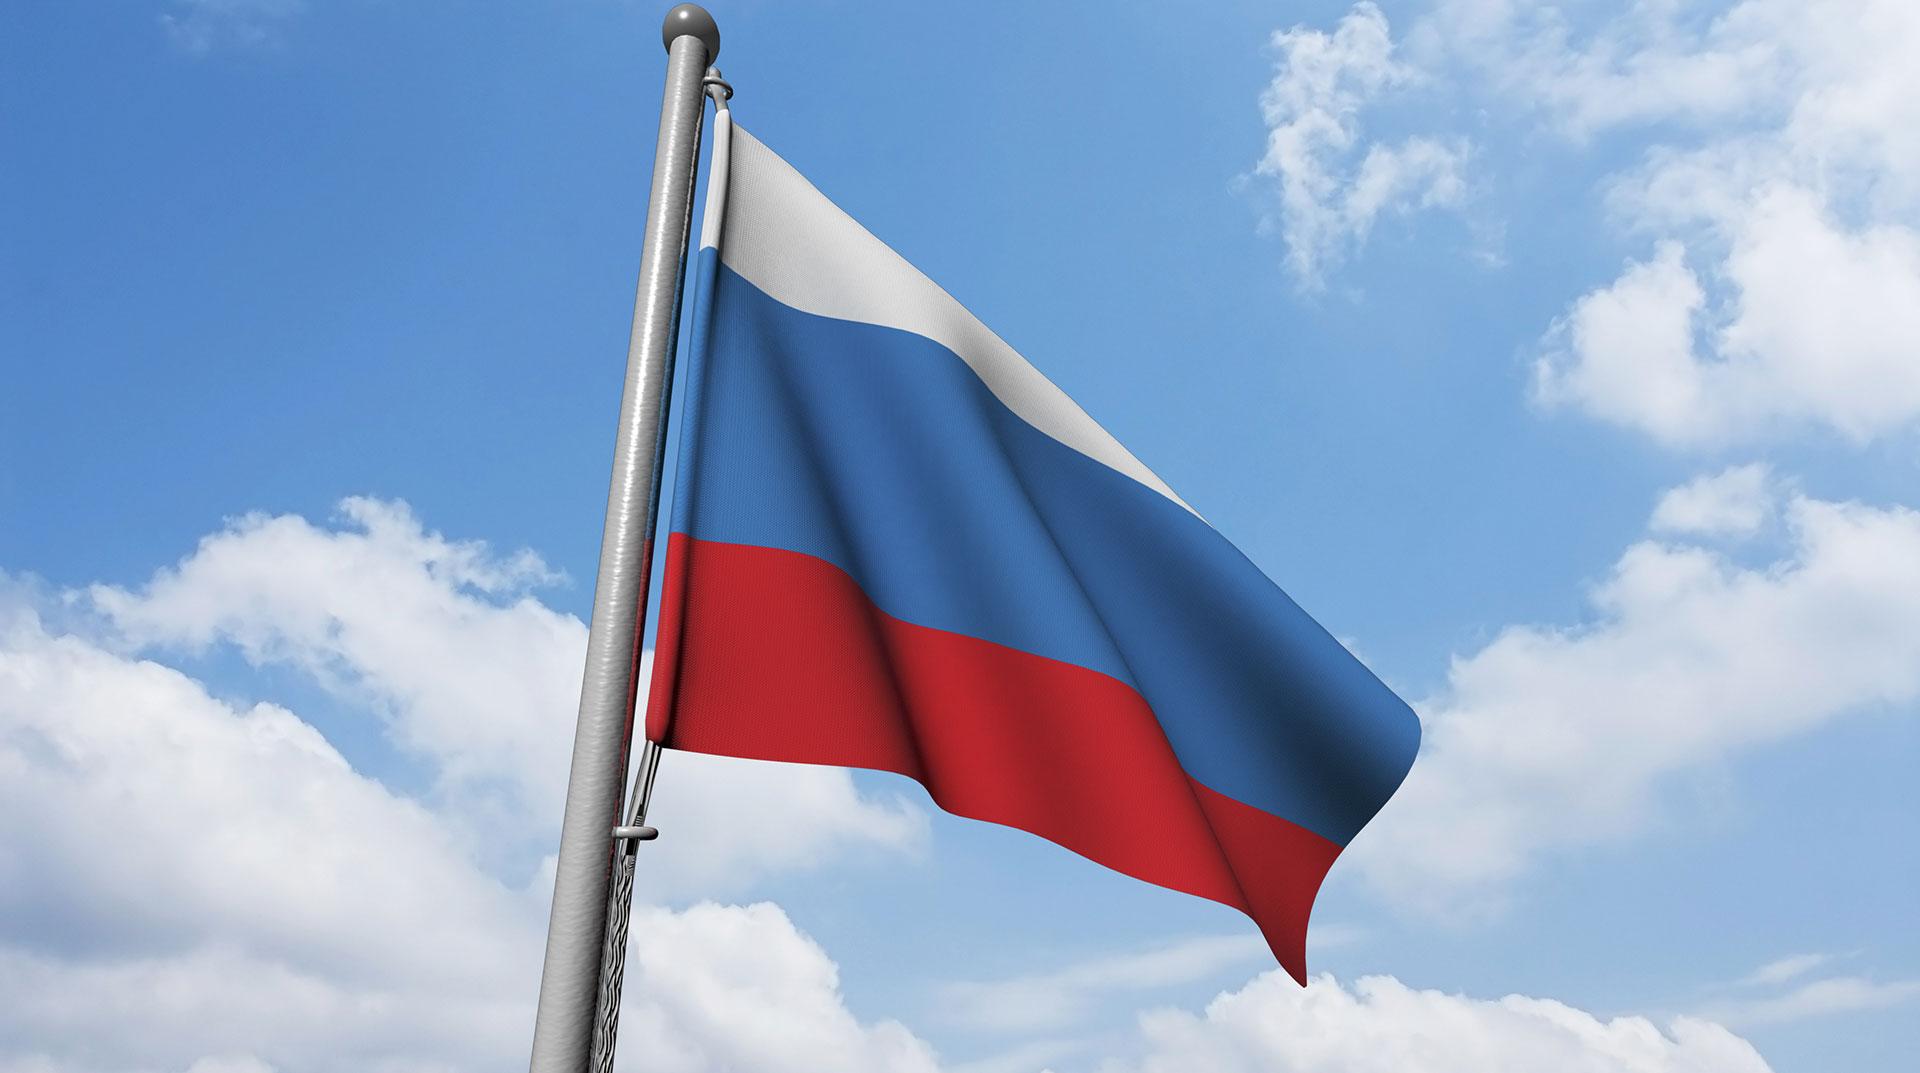 RUSYA'DA ARABA HURDALARINDAN ÜRETİLEN ESERLERİN YER ALDIĞI MÜZE